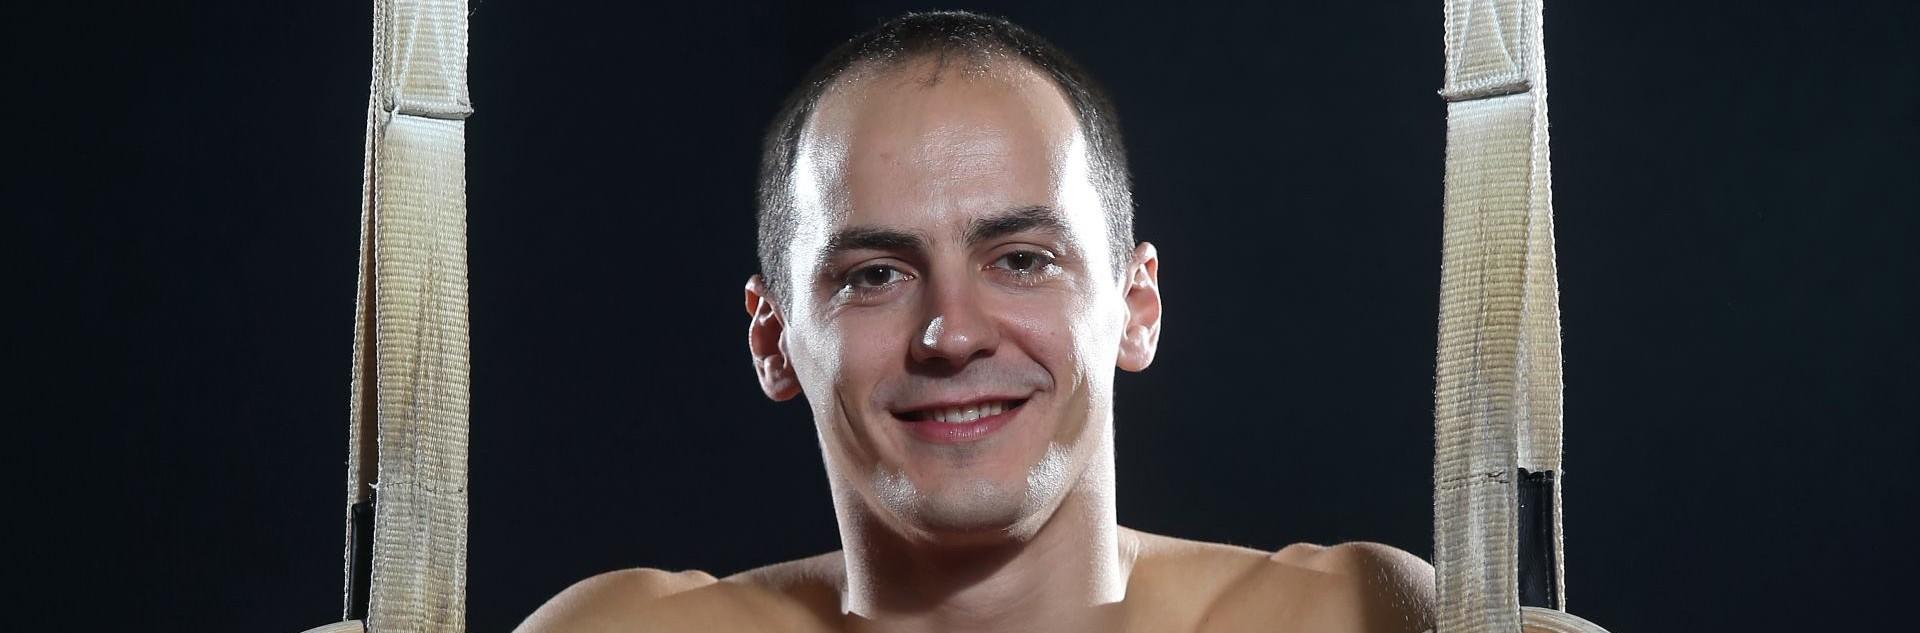 VIDEO: POVIJESNI USPJEH Možnik postao prvi hrvatski gimnastičar sa zlatnom medaljom u gimnastici na EP